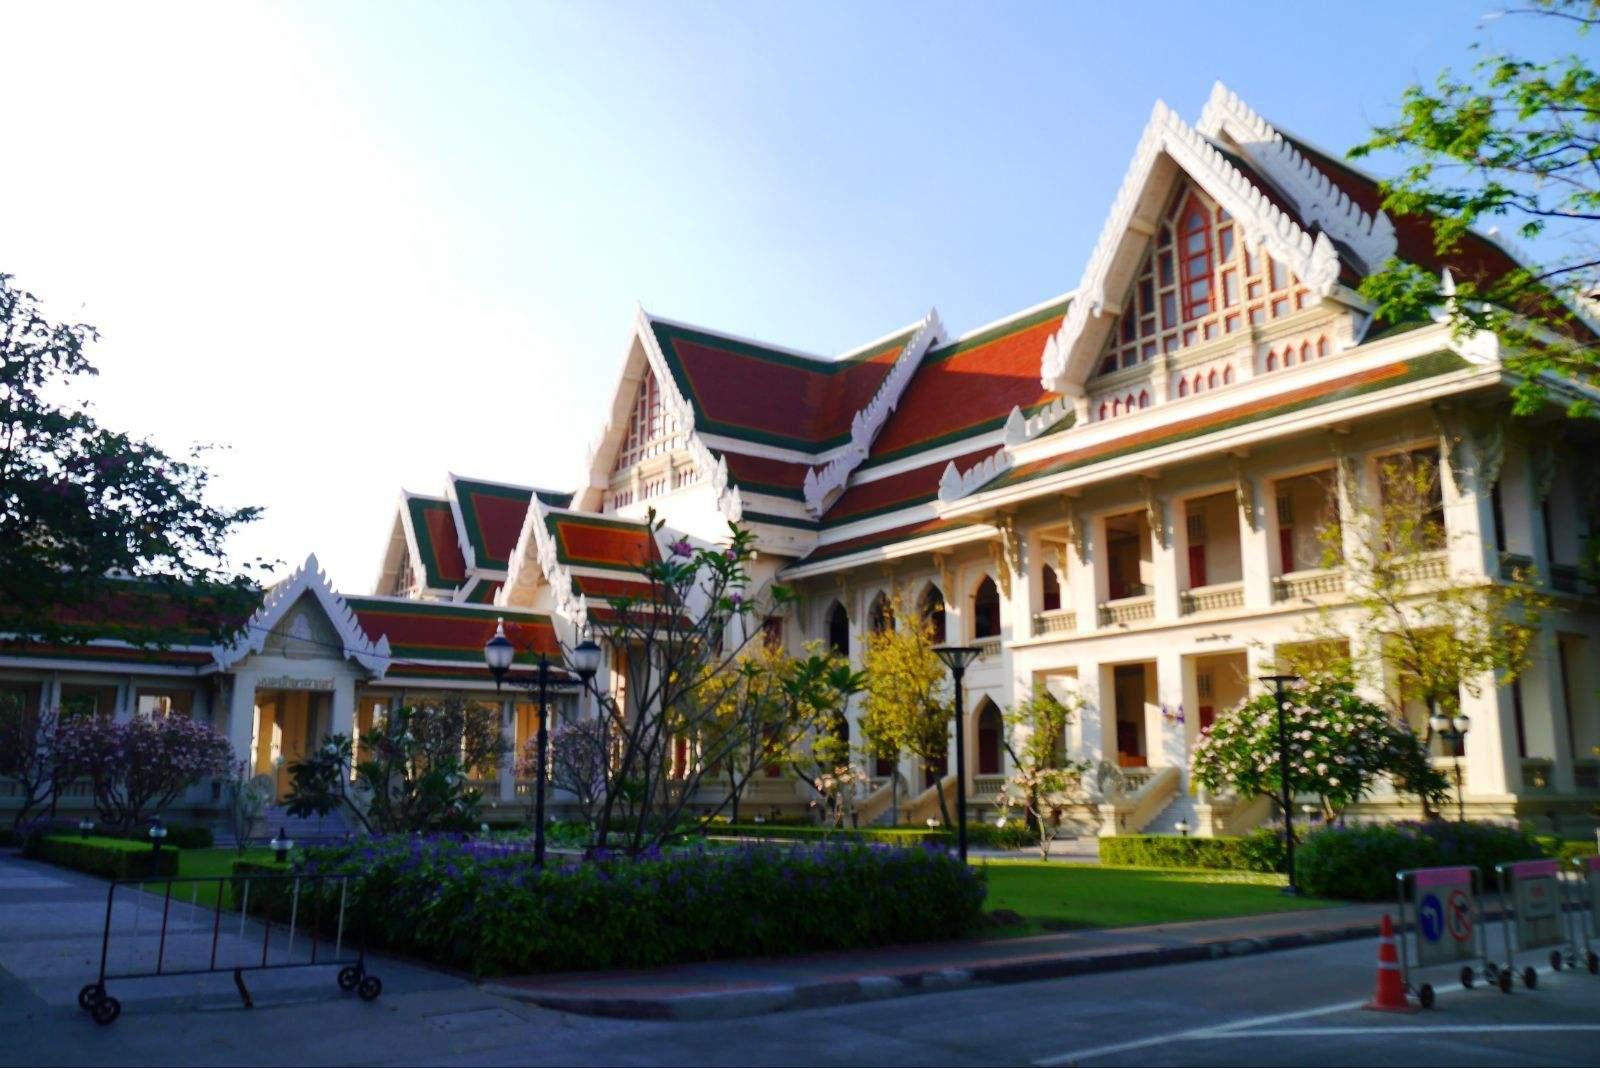 「泰国留学」2021泰国朱拉隆功大学留学有哪些专业?